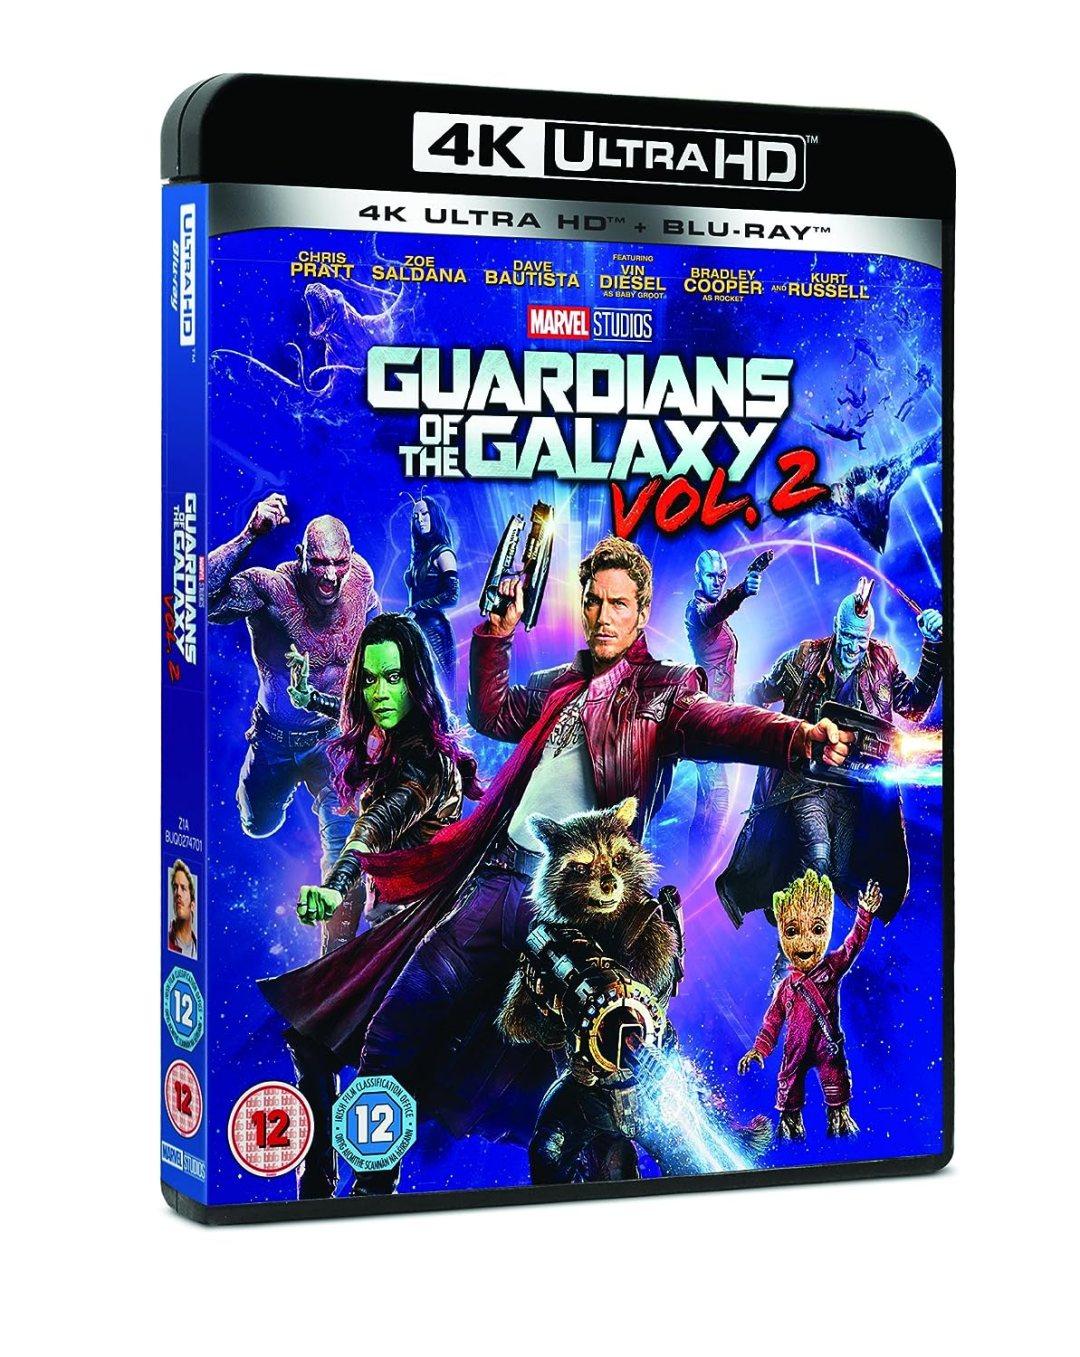 Guardians of the Galaxy Vol. 2 4K Ultra HD